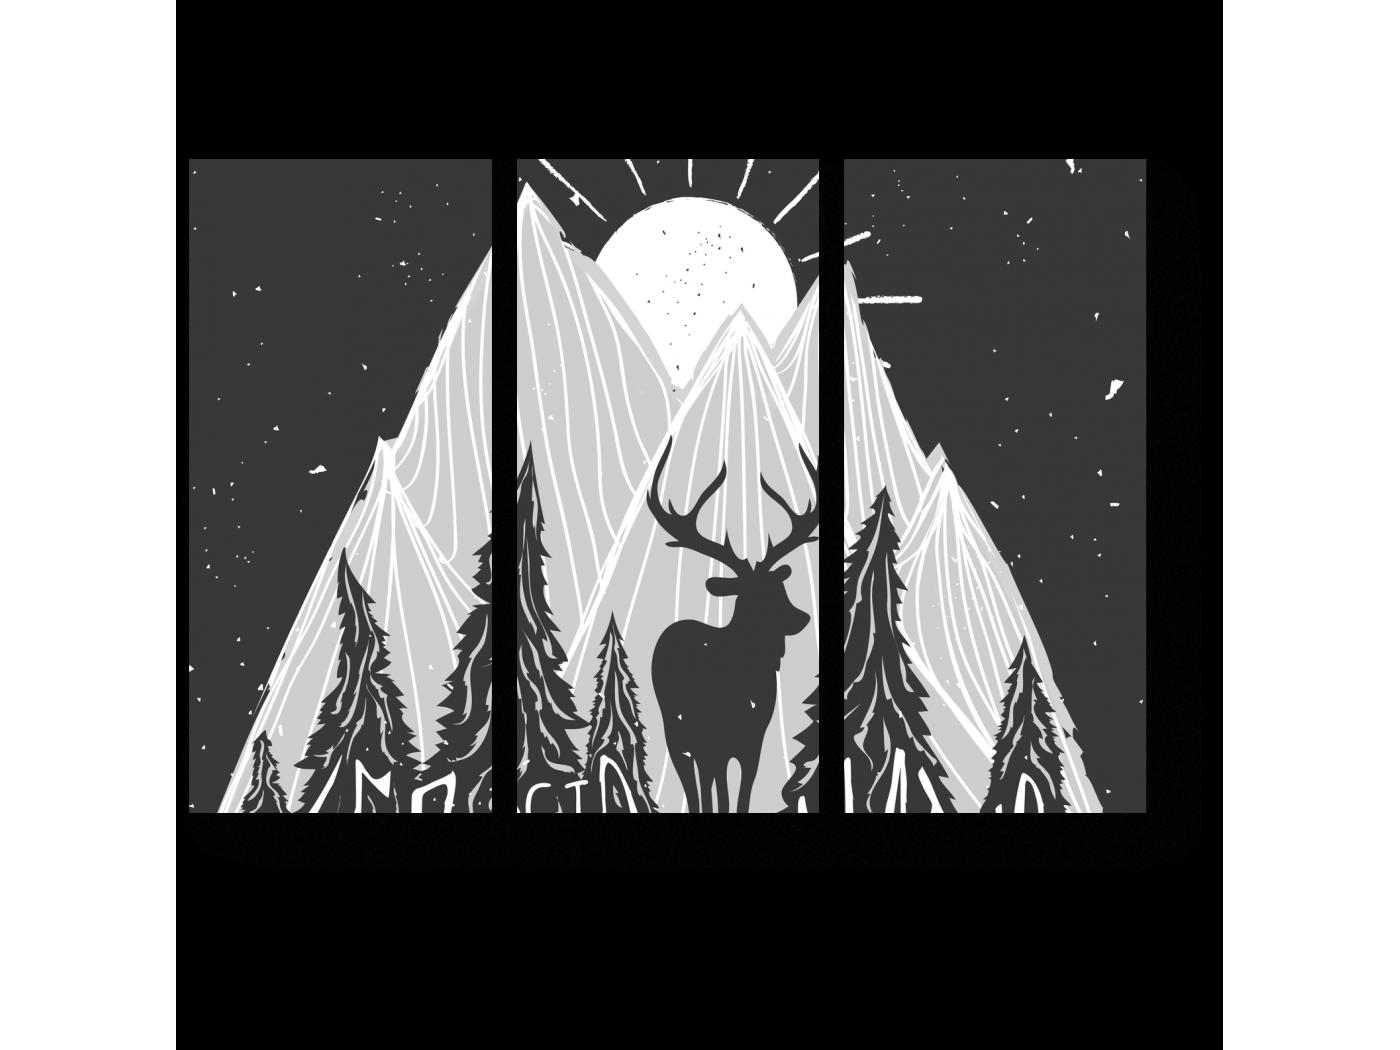 Модульная картина Шаг навстречу природе (60x43) фото